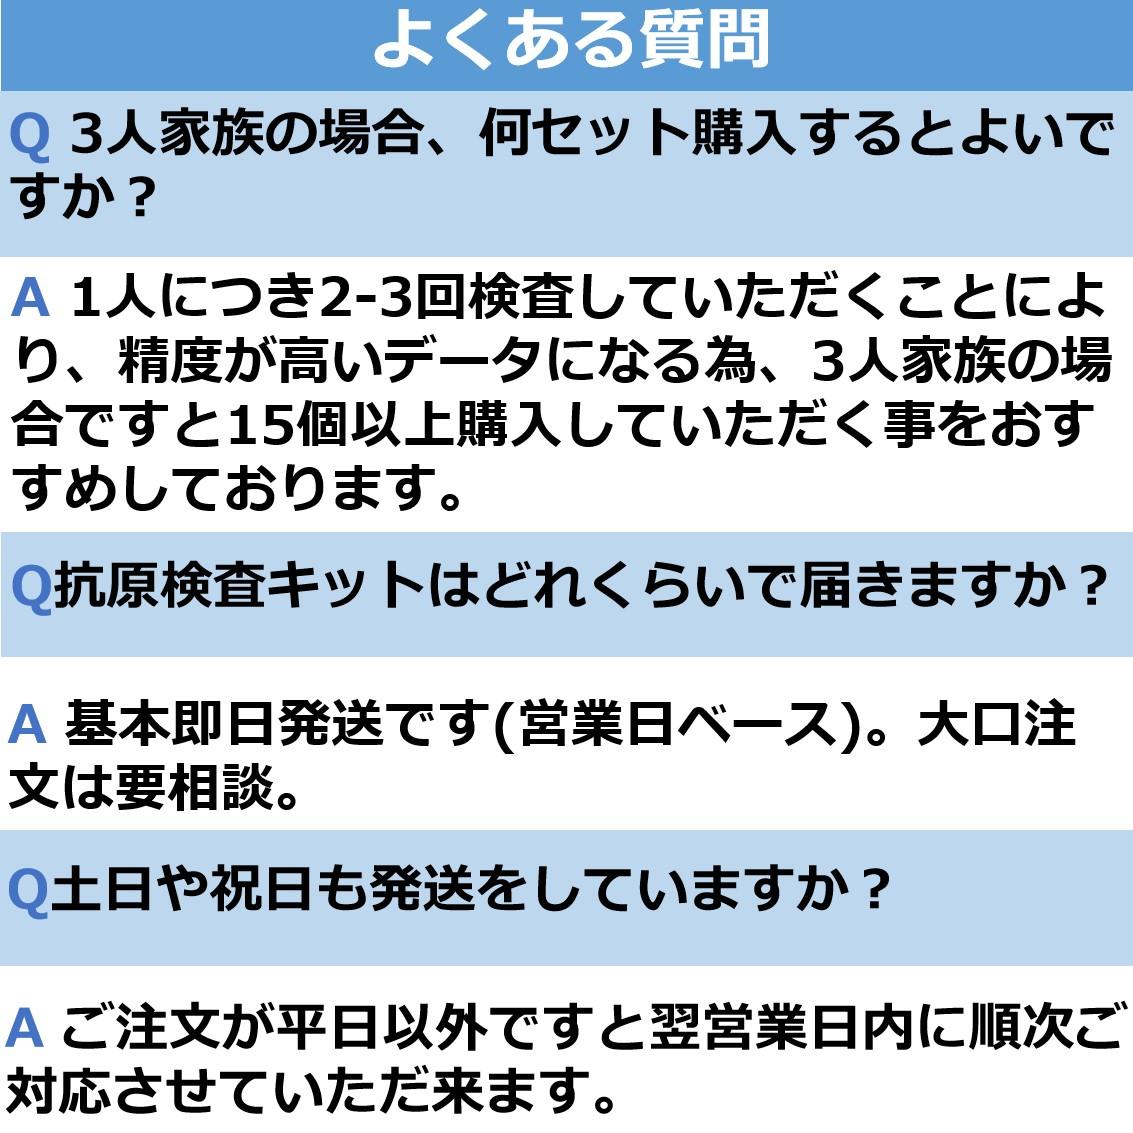 @3600円【10回分】新型コロナ抗原検査キット※送料無料